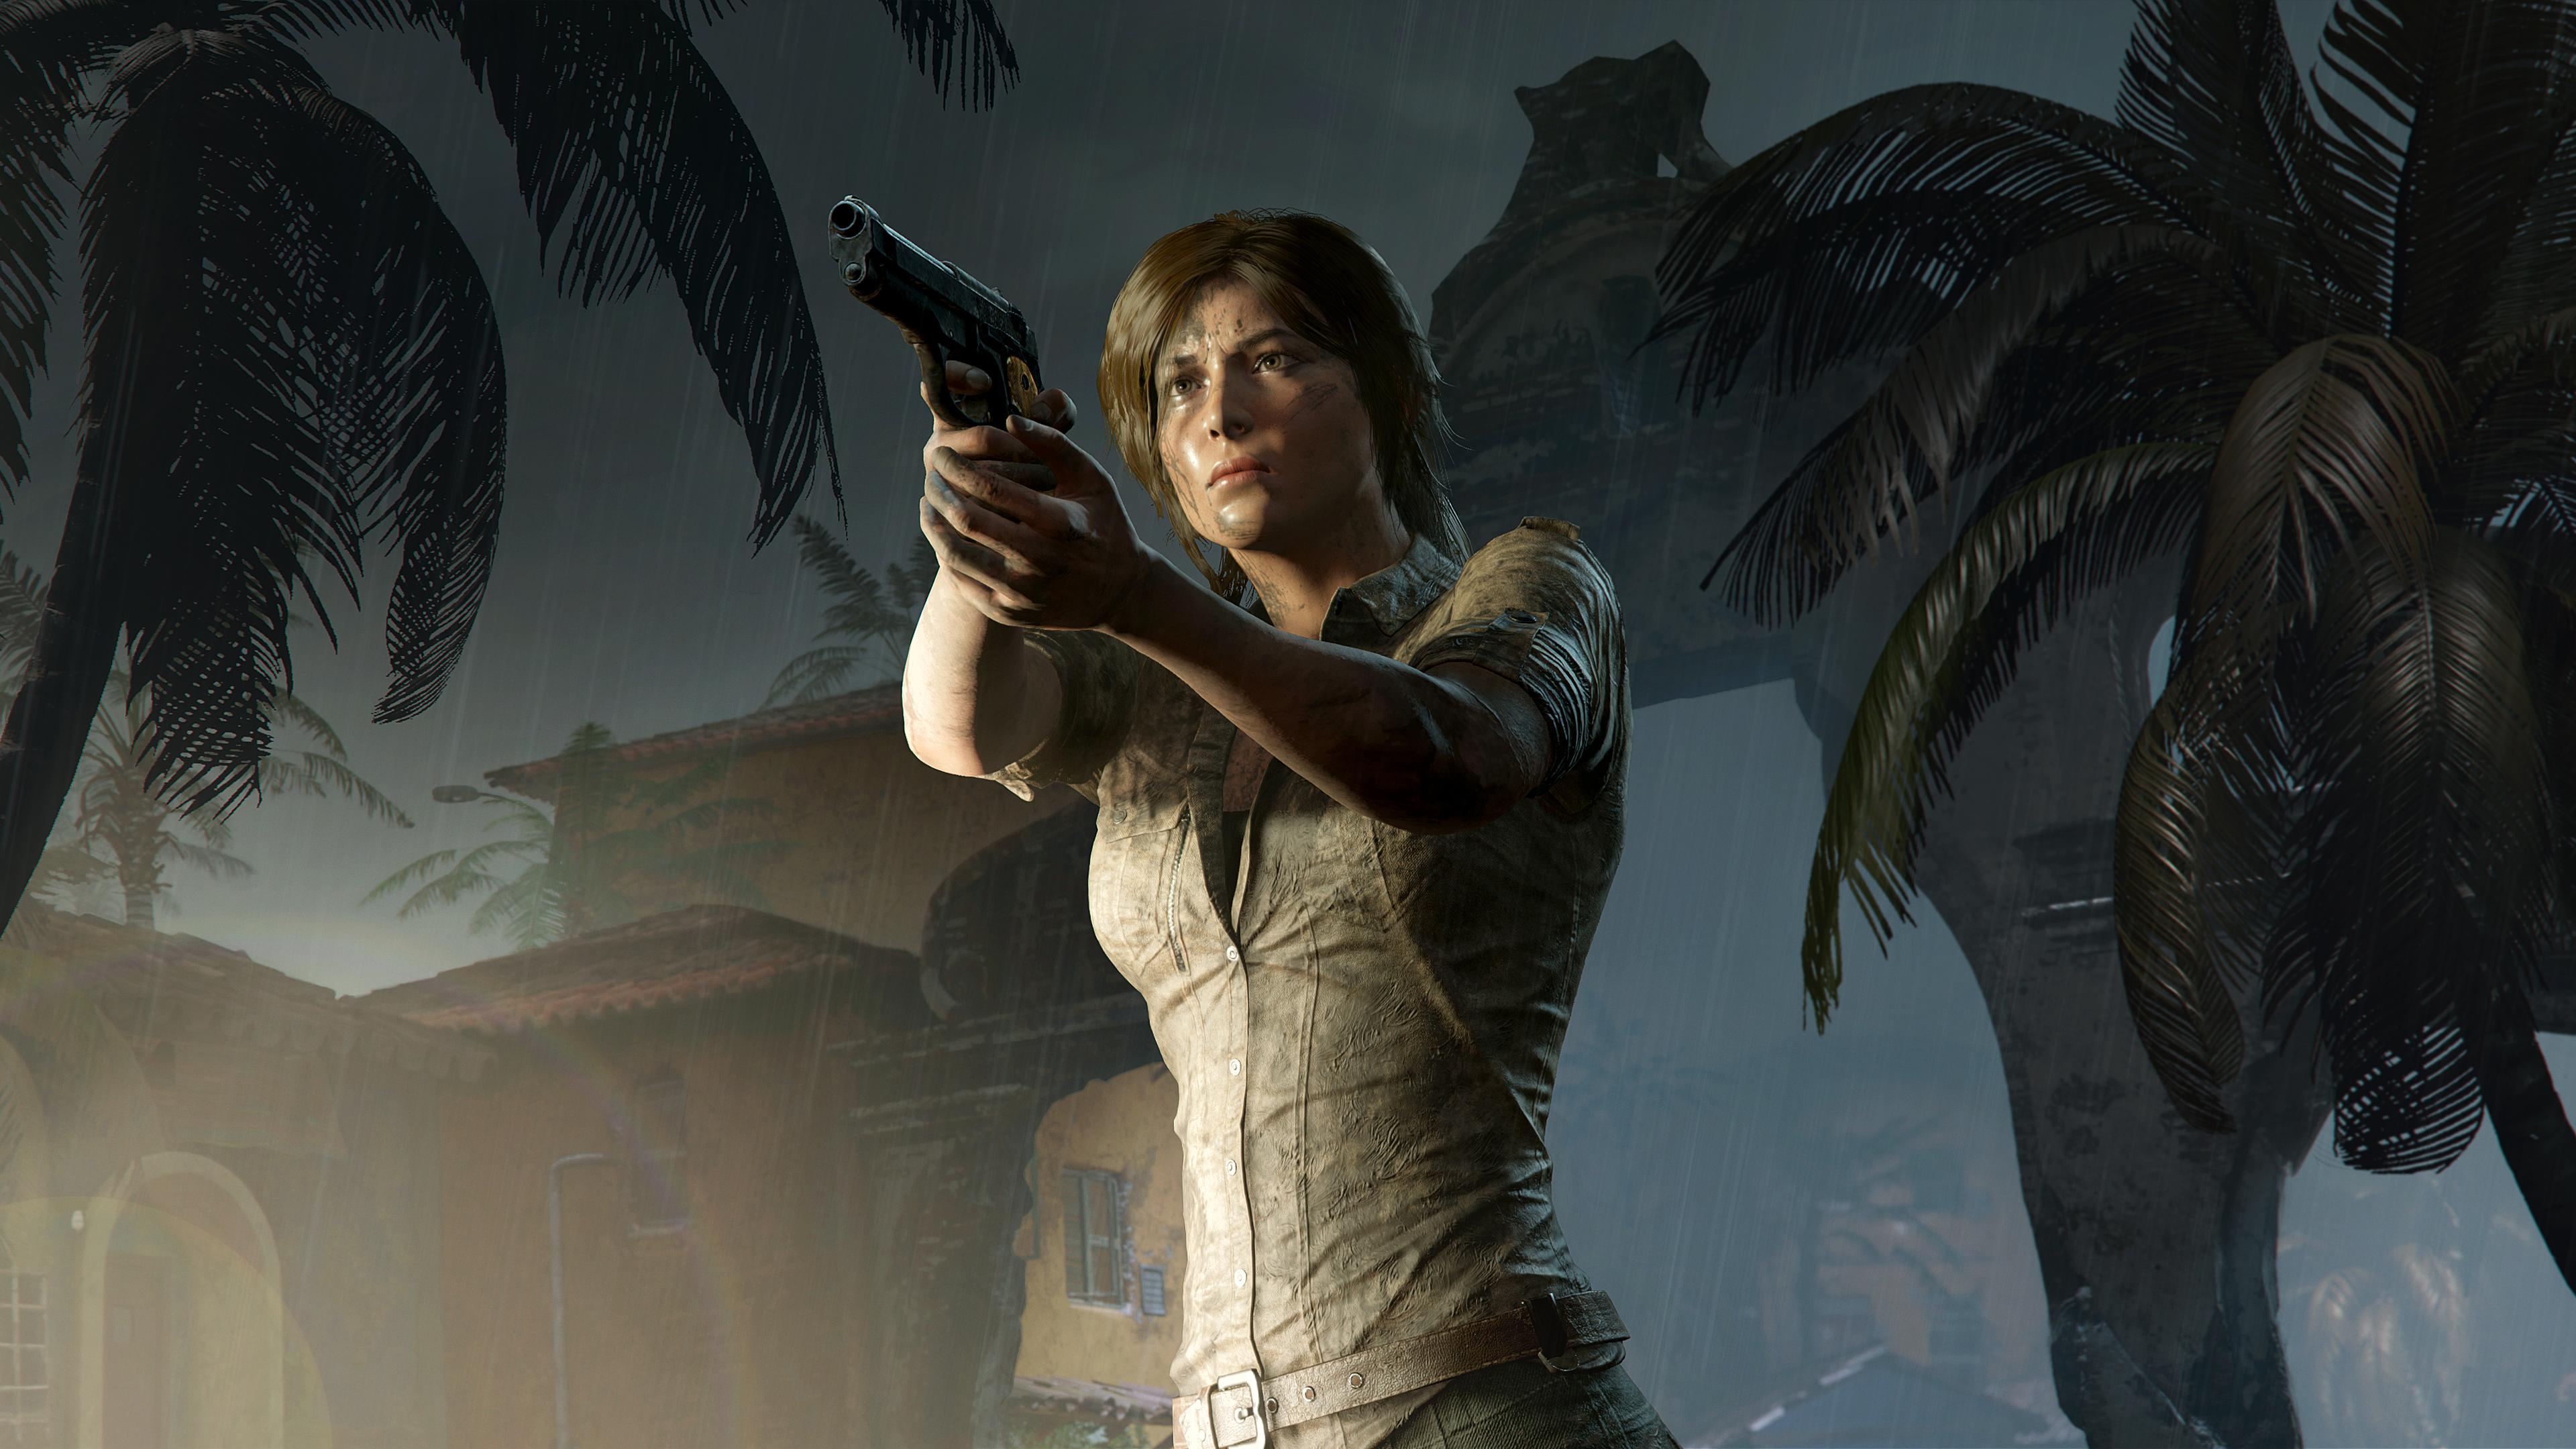 Shadow Of The Tomb Raider Lara Croft 4k Ultra Hd Wallpaper